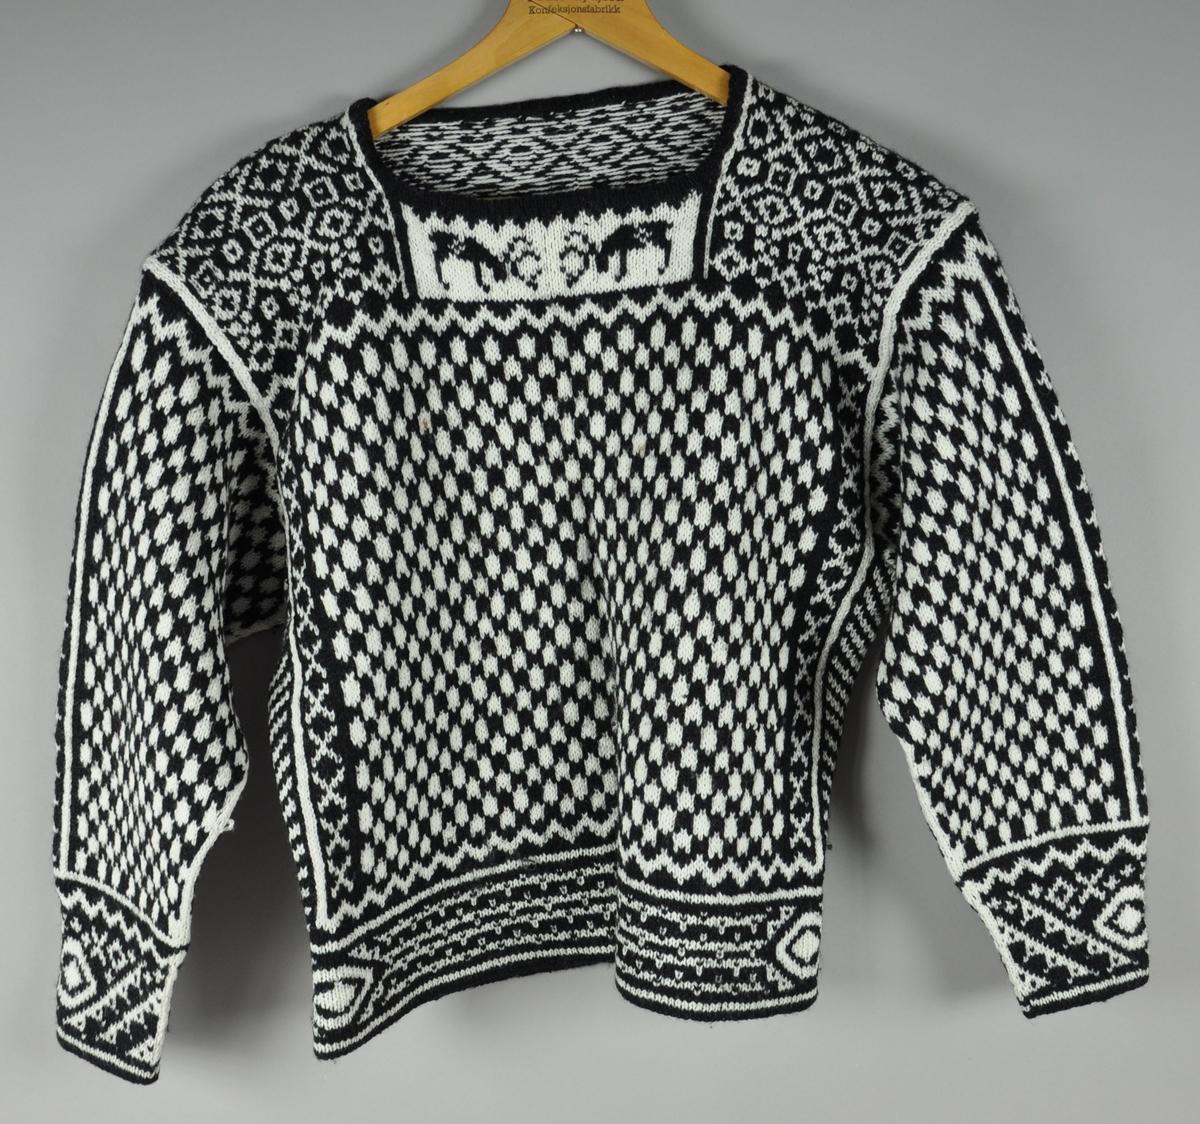 Ullgenser med hvite og svarte mønstre. Under kragen på framsiden er det motiv av to reinsdyr.